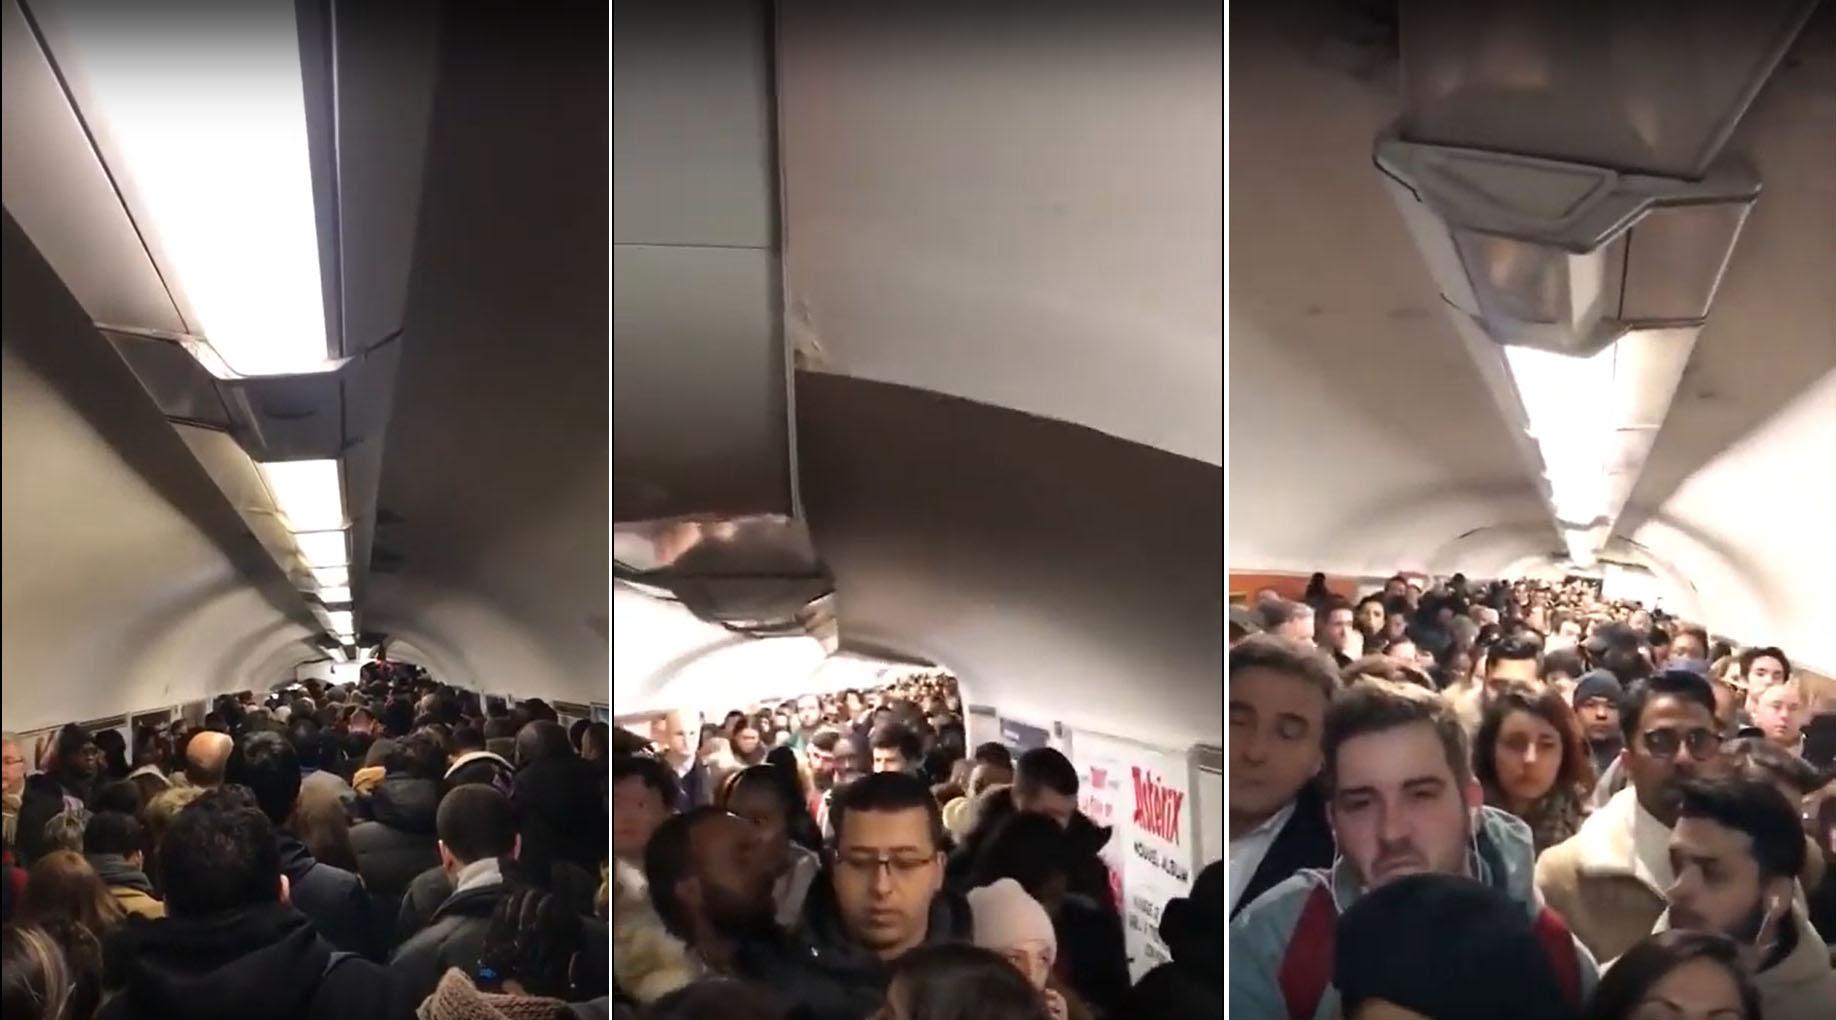 프랑스 연금 개편 저지 총파업 일주일 째인 11일(현지시간) 파리 샤틀레 지하철역 3개 통로가 열차를 기다리는 시민들로 가득 차 있다. [사진 유튜브 캡처]